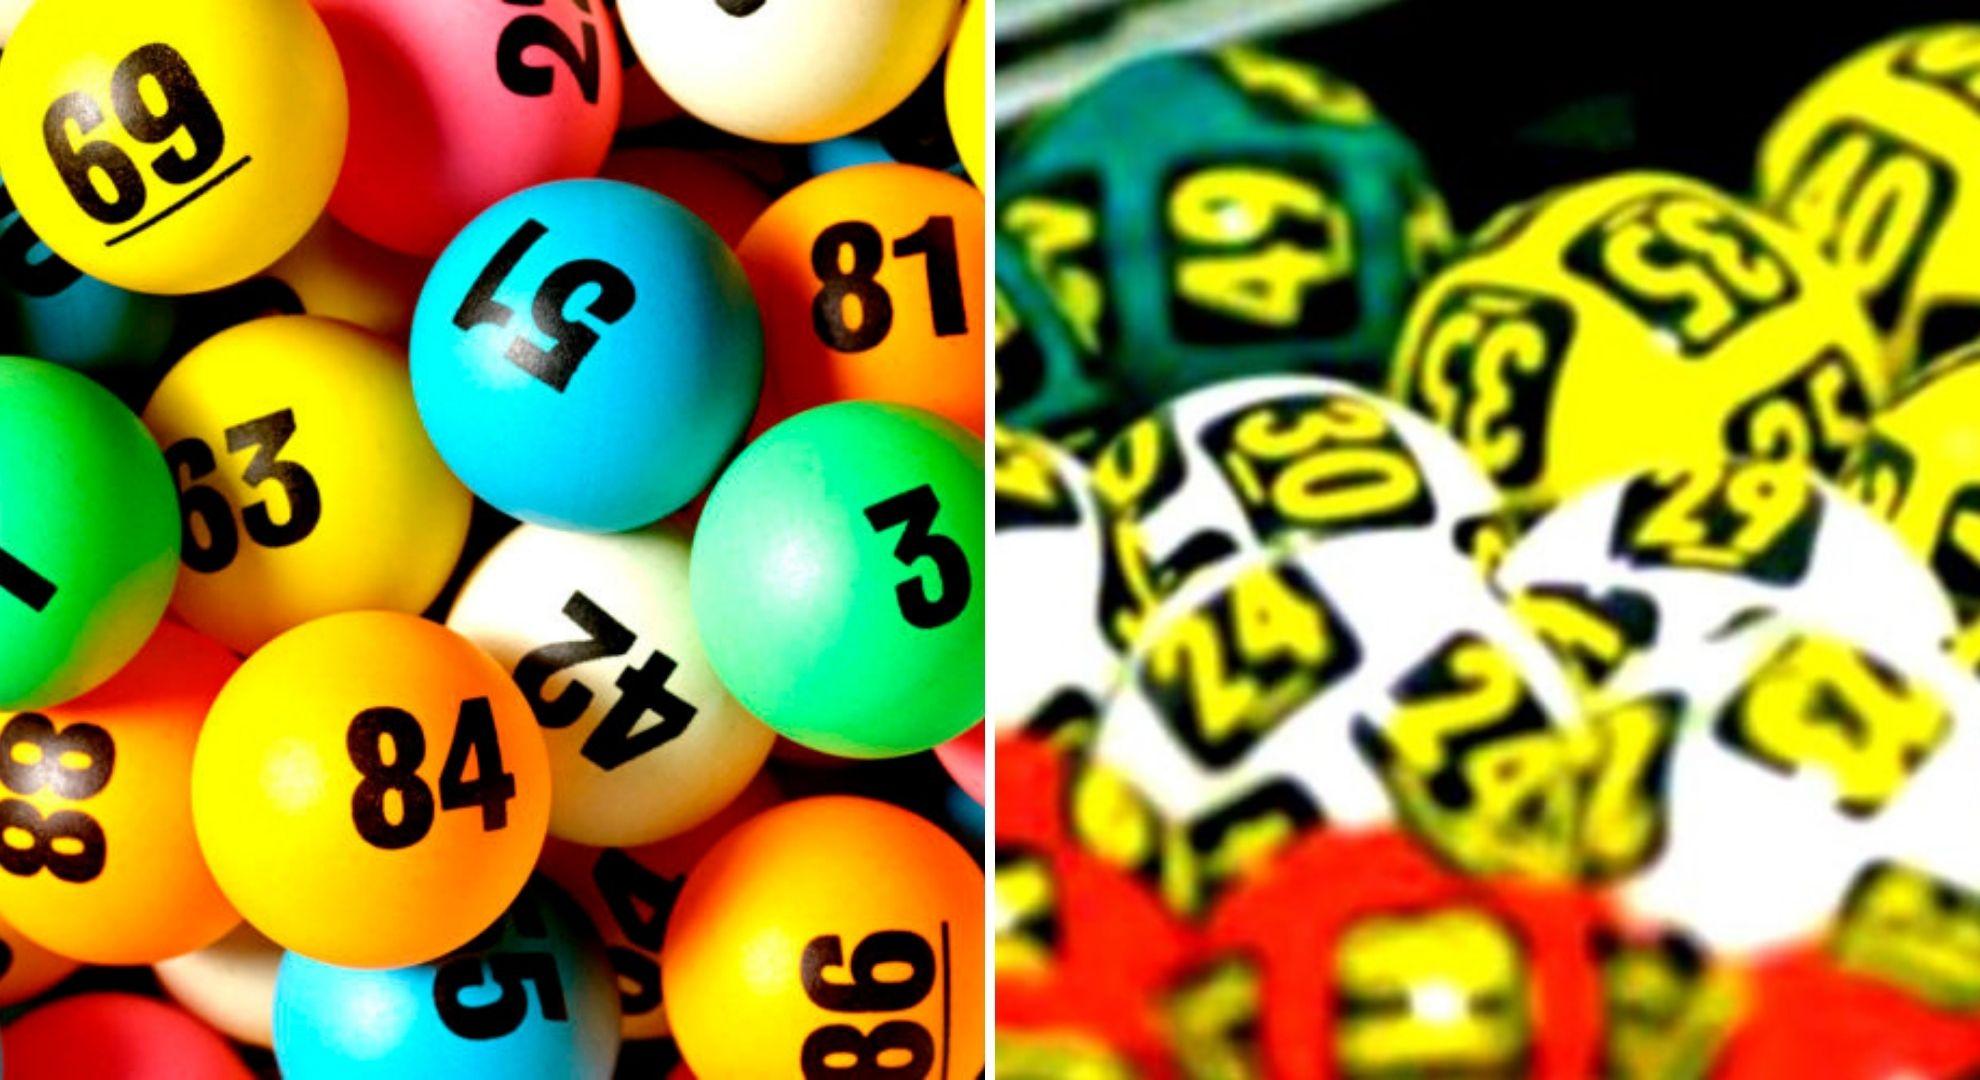 Rezultate Loto 22 octombrie 2020. Care sunt numerele câștigătoare la jocurile de noroc